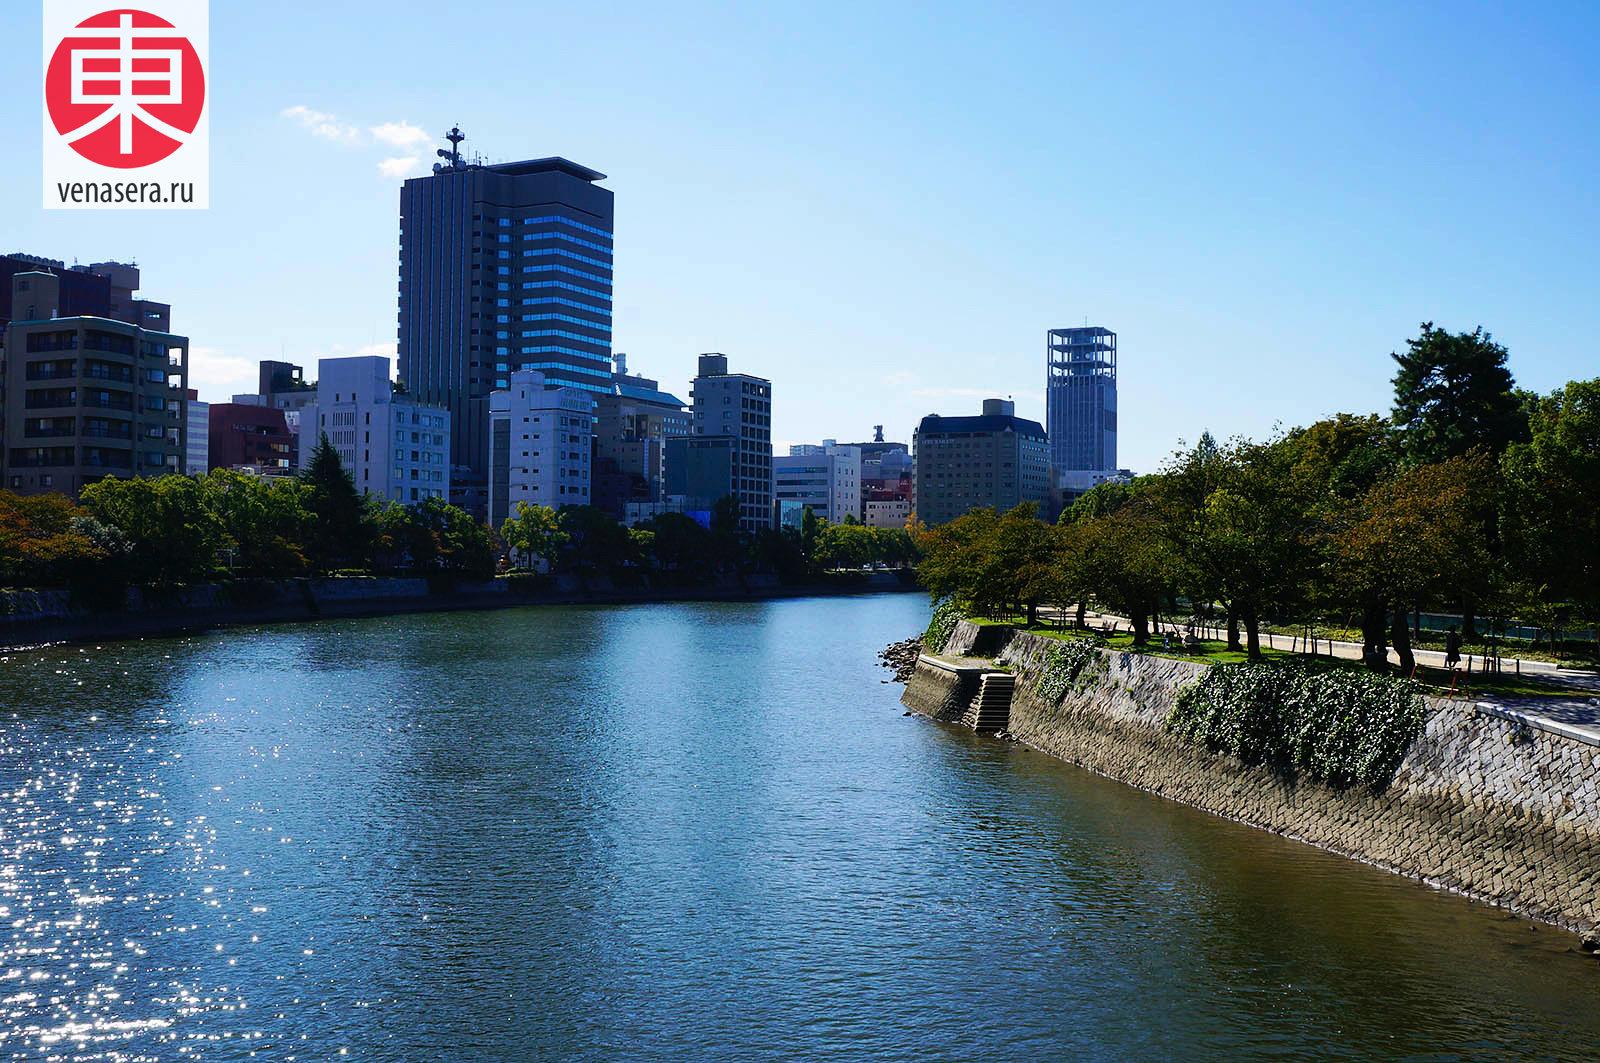 Мост Айой, Aioi Bridge, 相生橋, Хиросима, Hiroshima, 広島, Хонсю, Honshu, 本州, Япония, Japan, 日本.